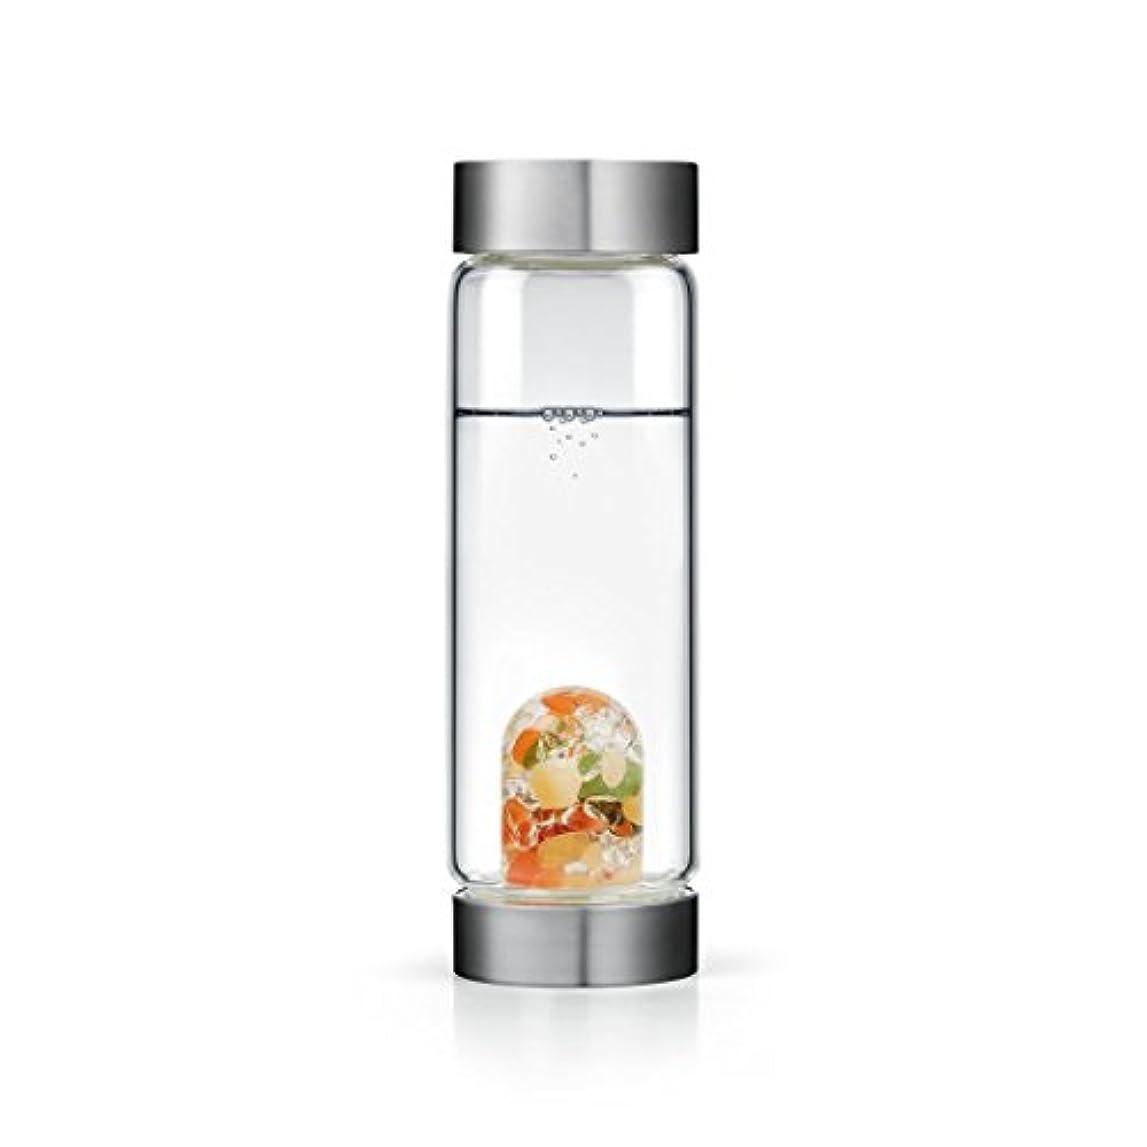 望むエミュレーションヘッジHappiness gem-waterボトルby VitaJuwel W / Freeカリフォルニアホワイトセージバンドル 16.9 fl oz